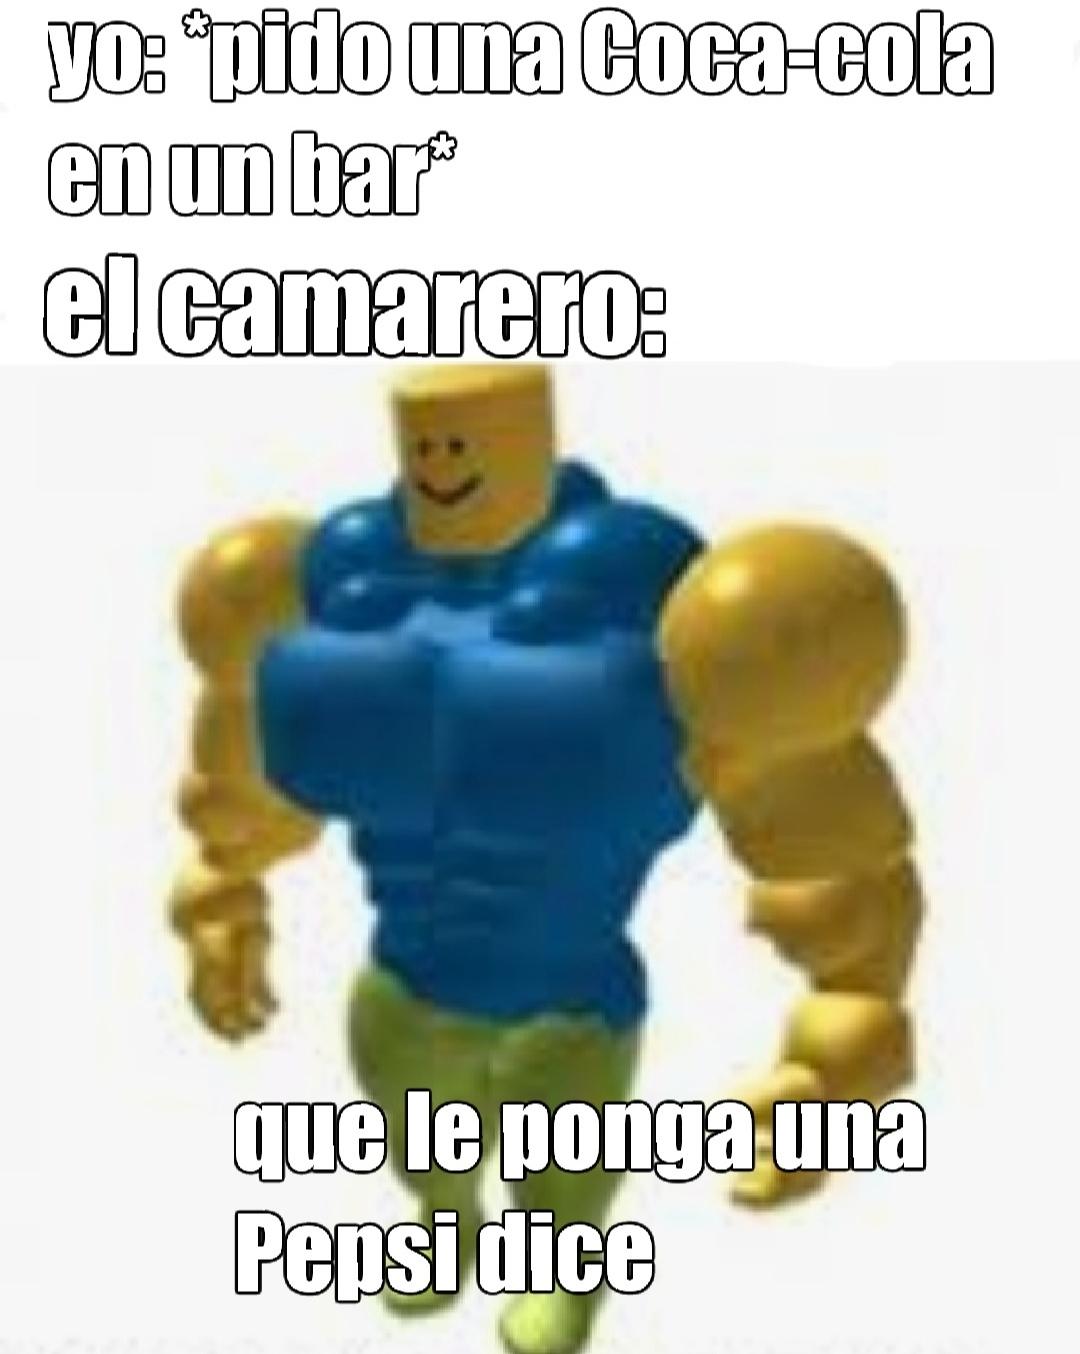 Introduce el título del meme